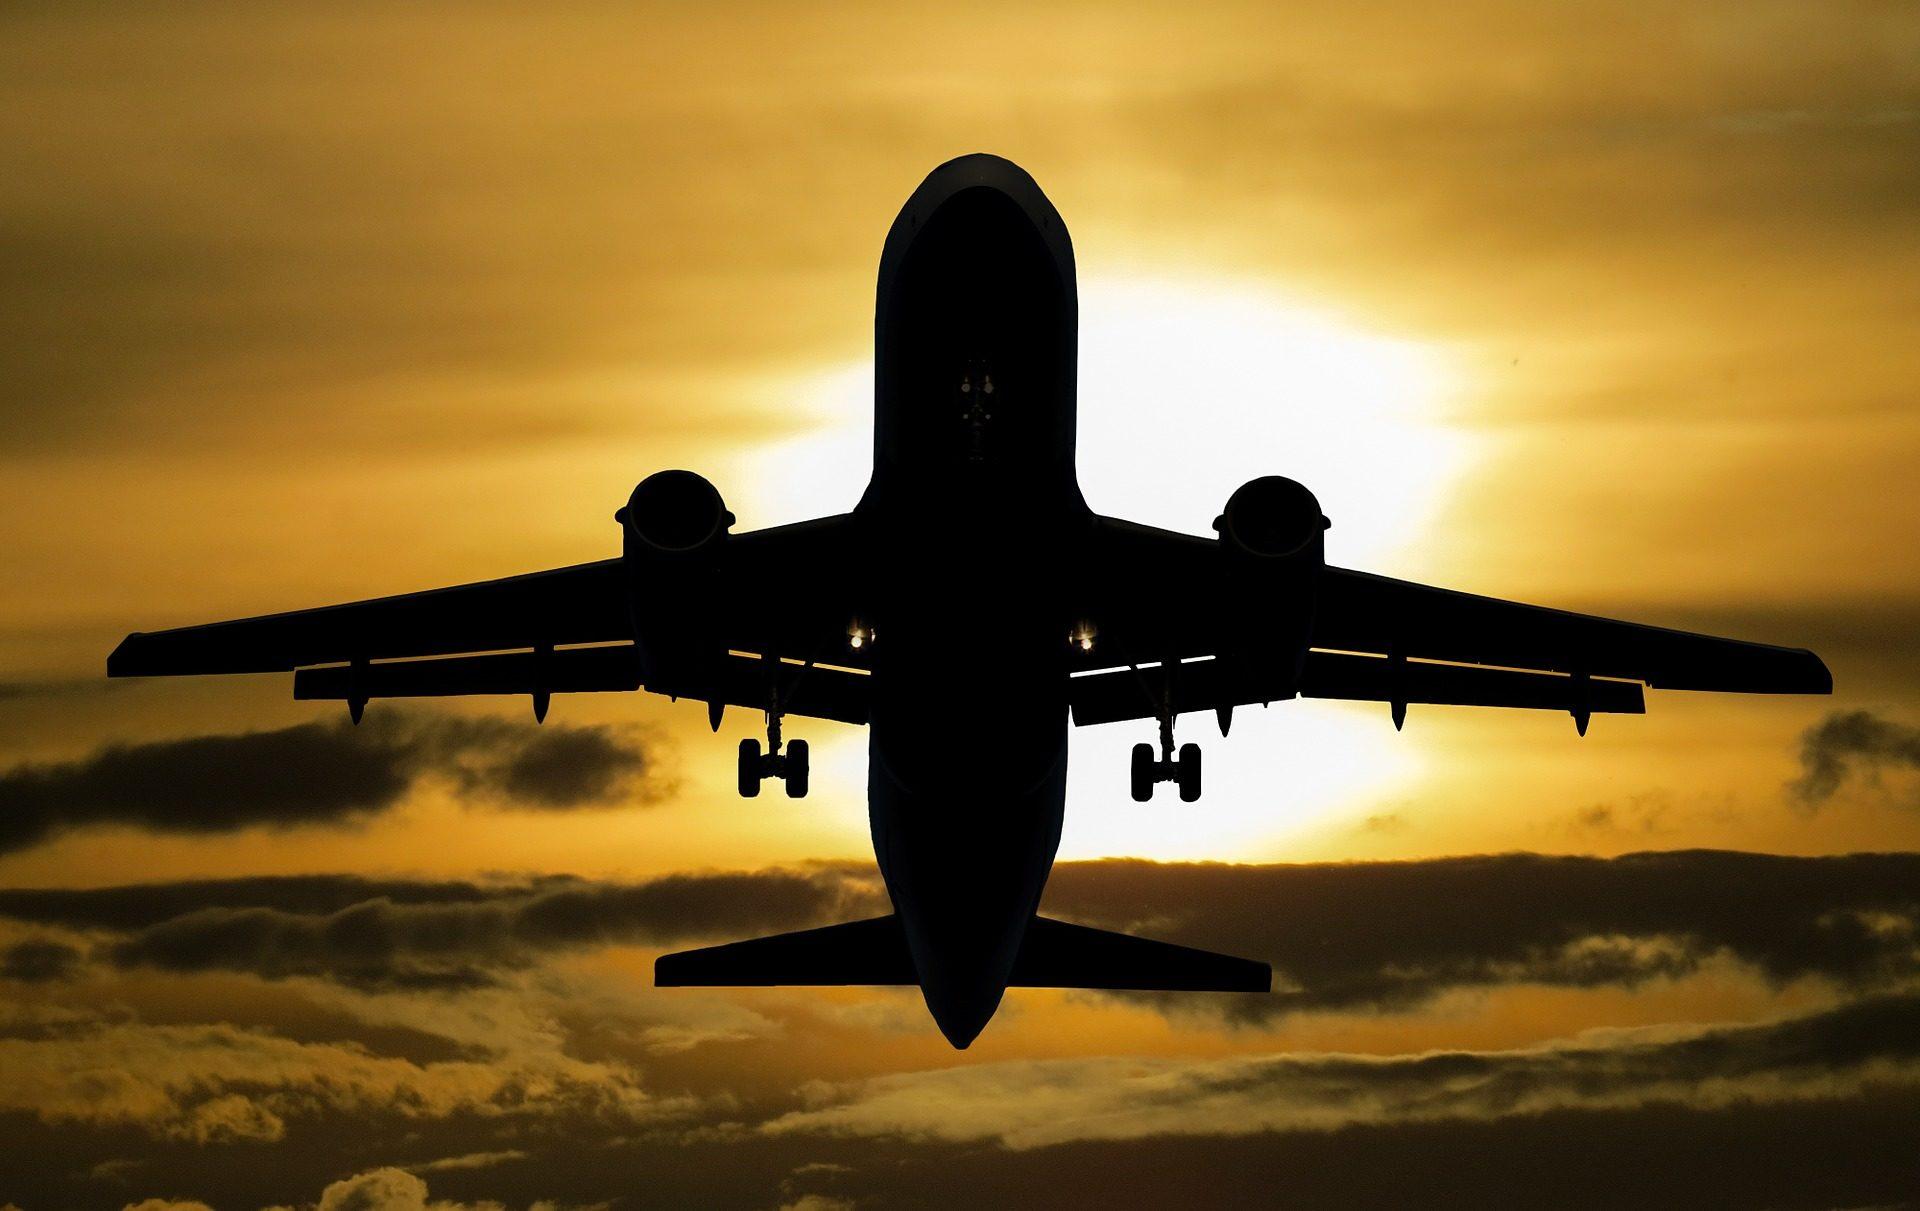 विमान, मक्खी, बादल, सूर्य, यात्रा, छुट्टी - HD वॉलपेपर - प्रोफेसर-falken.com